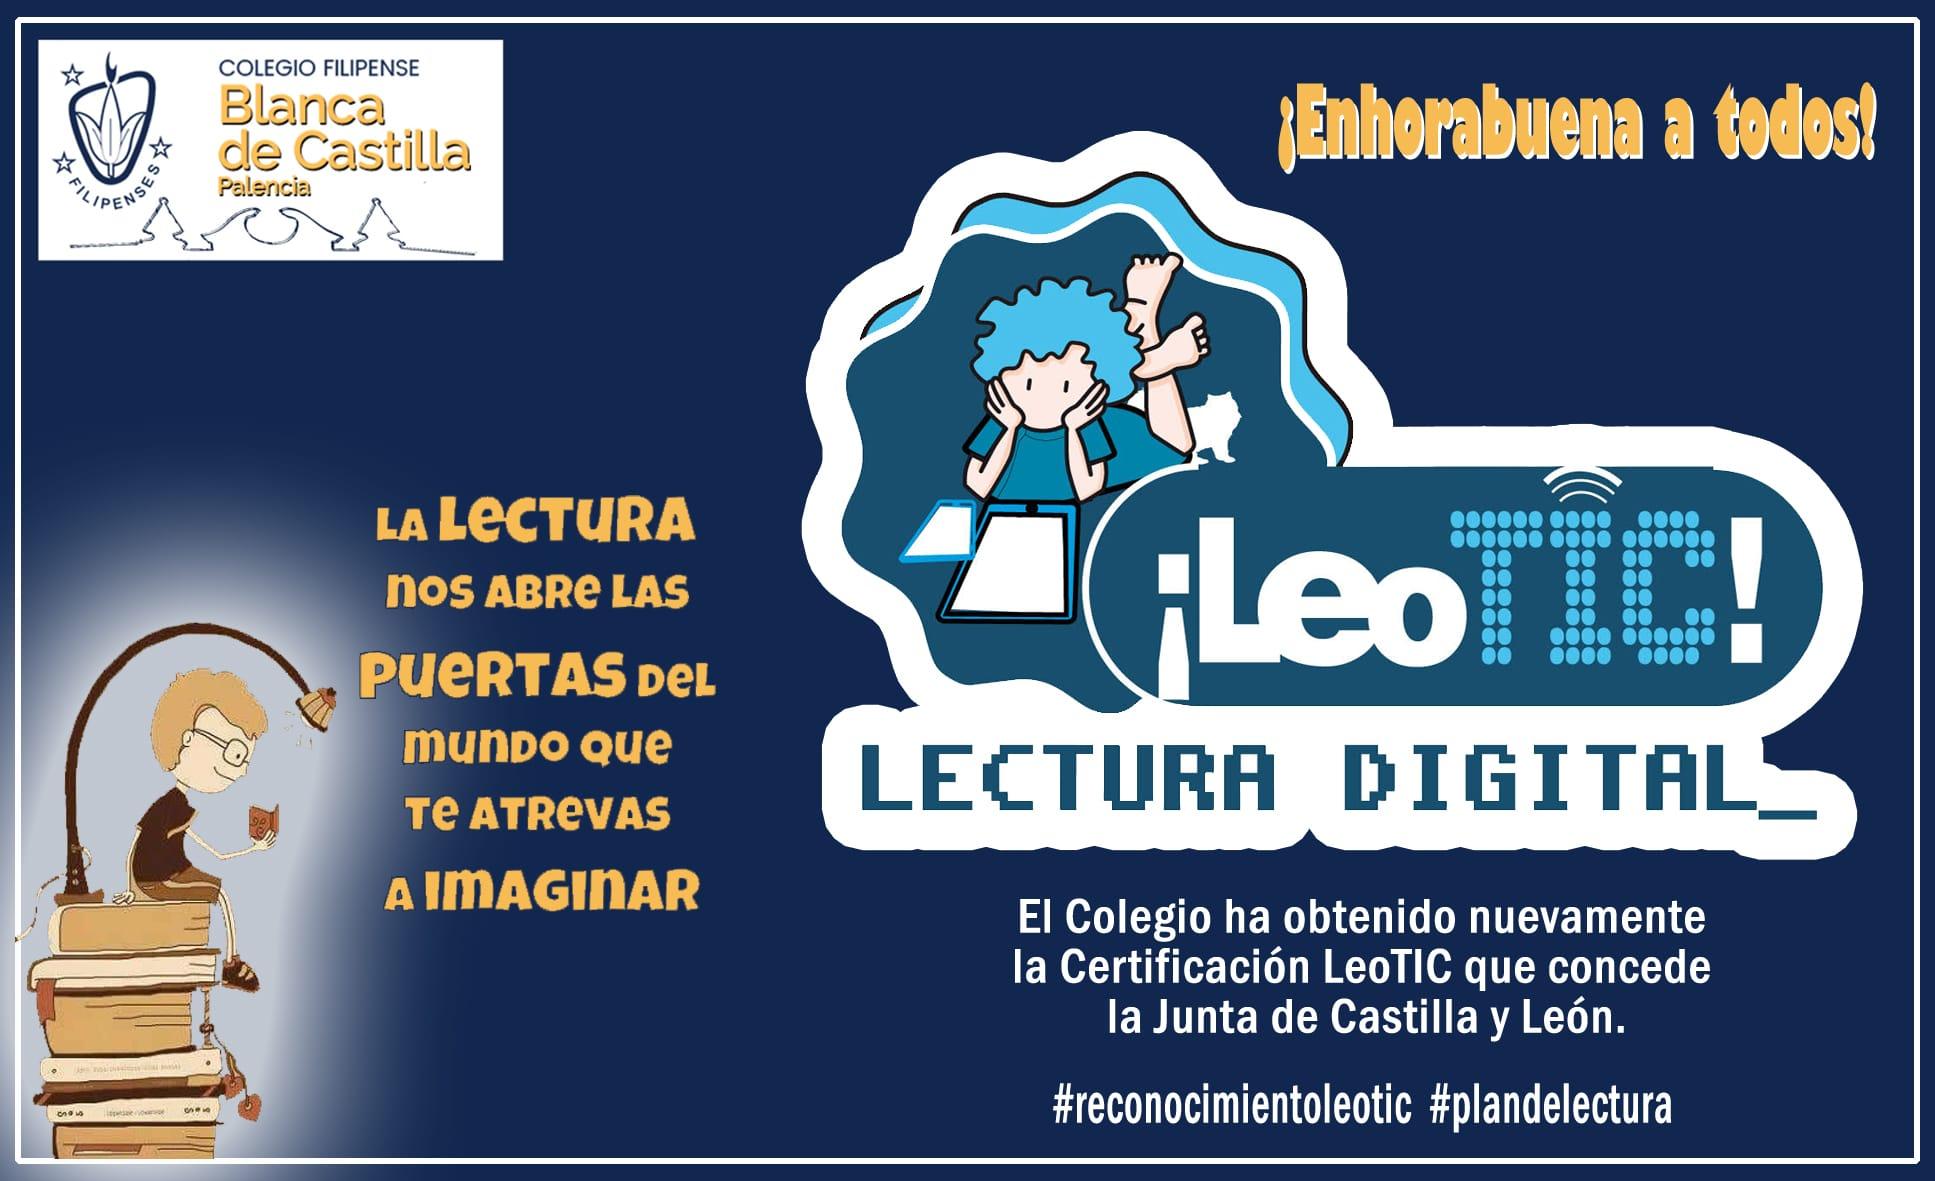 Reconocimiento Leo TIC al Colegio Filipense Blanca de Castilla de Palencia en el curso 2020-21